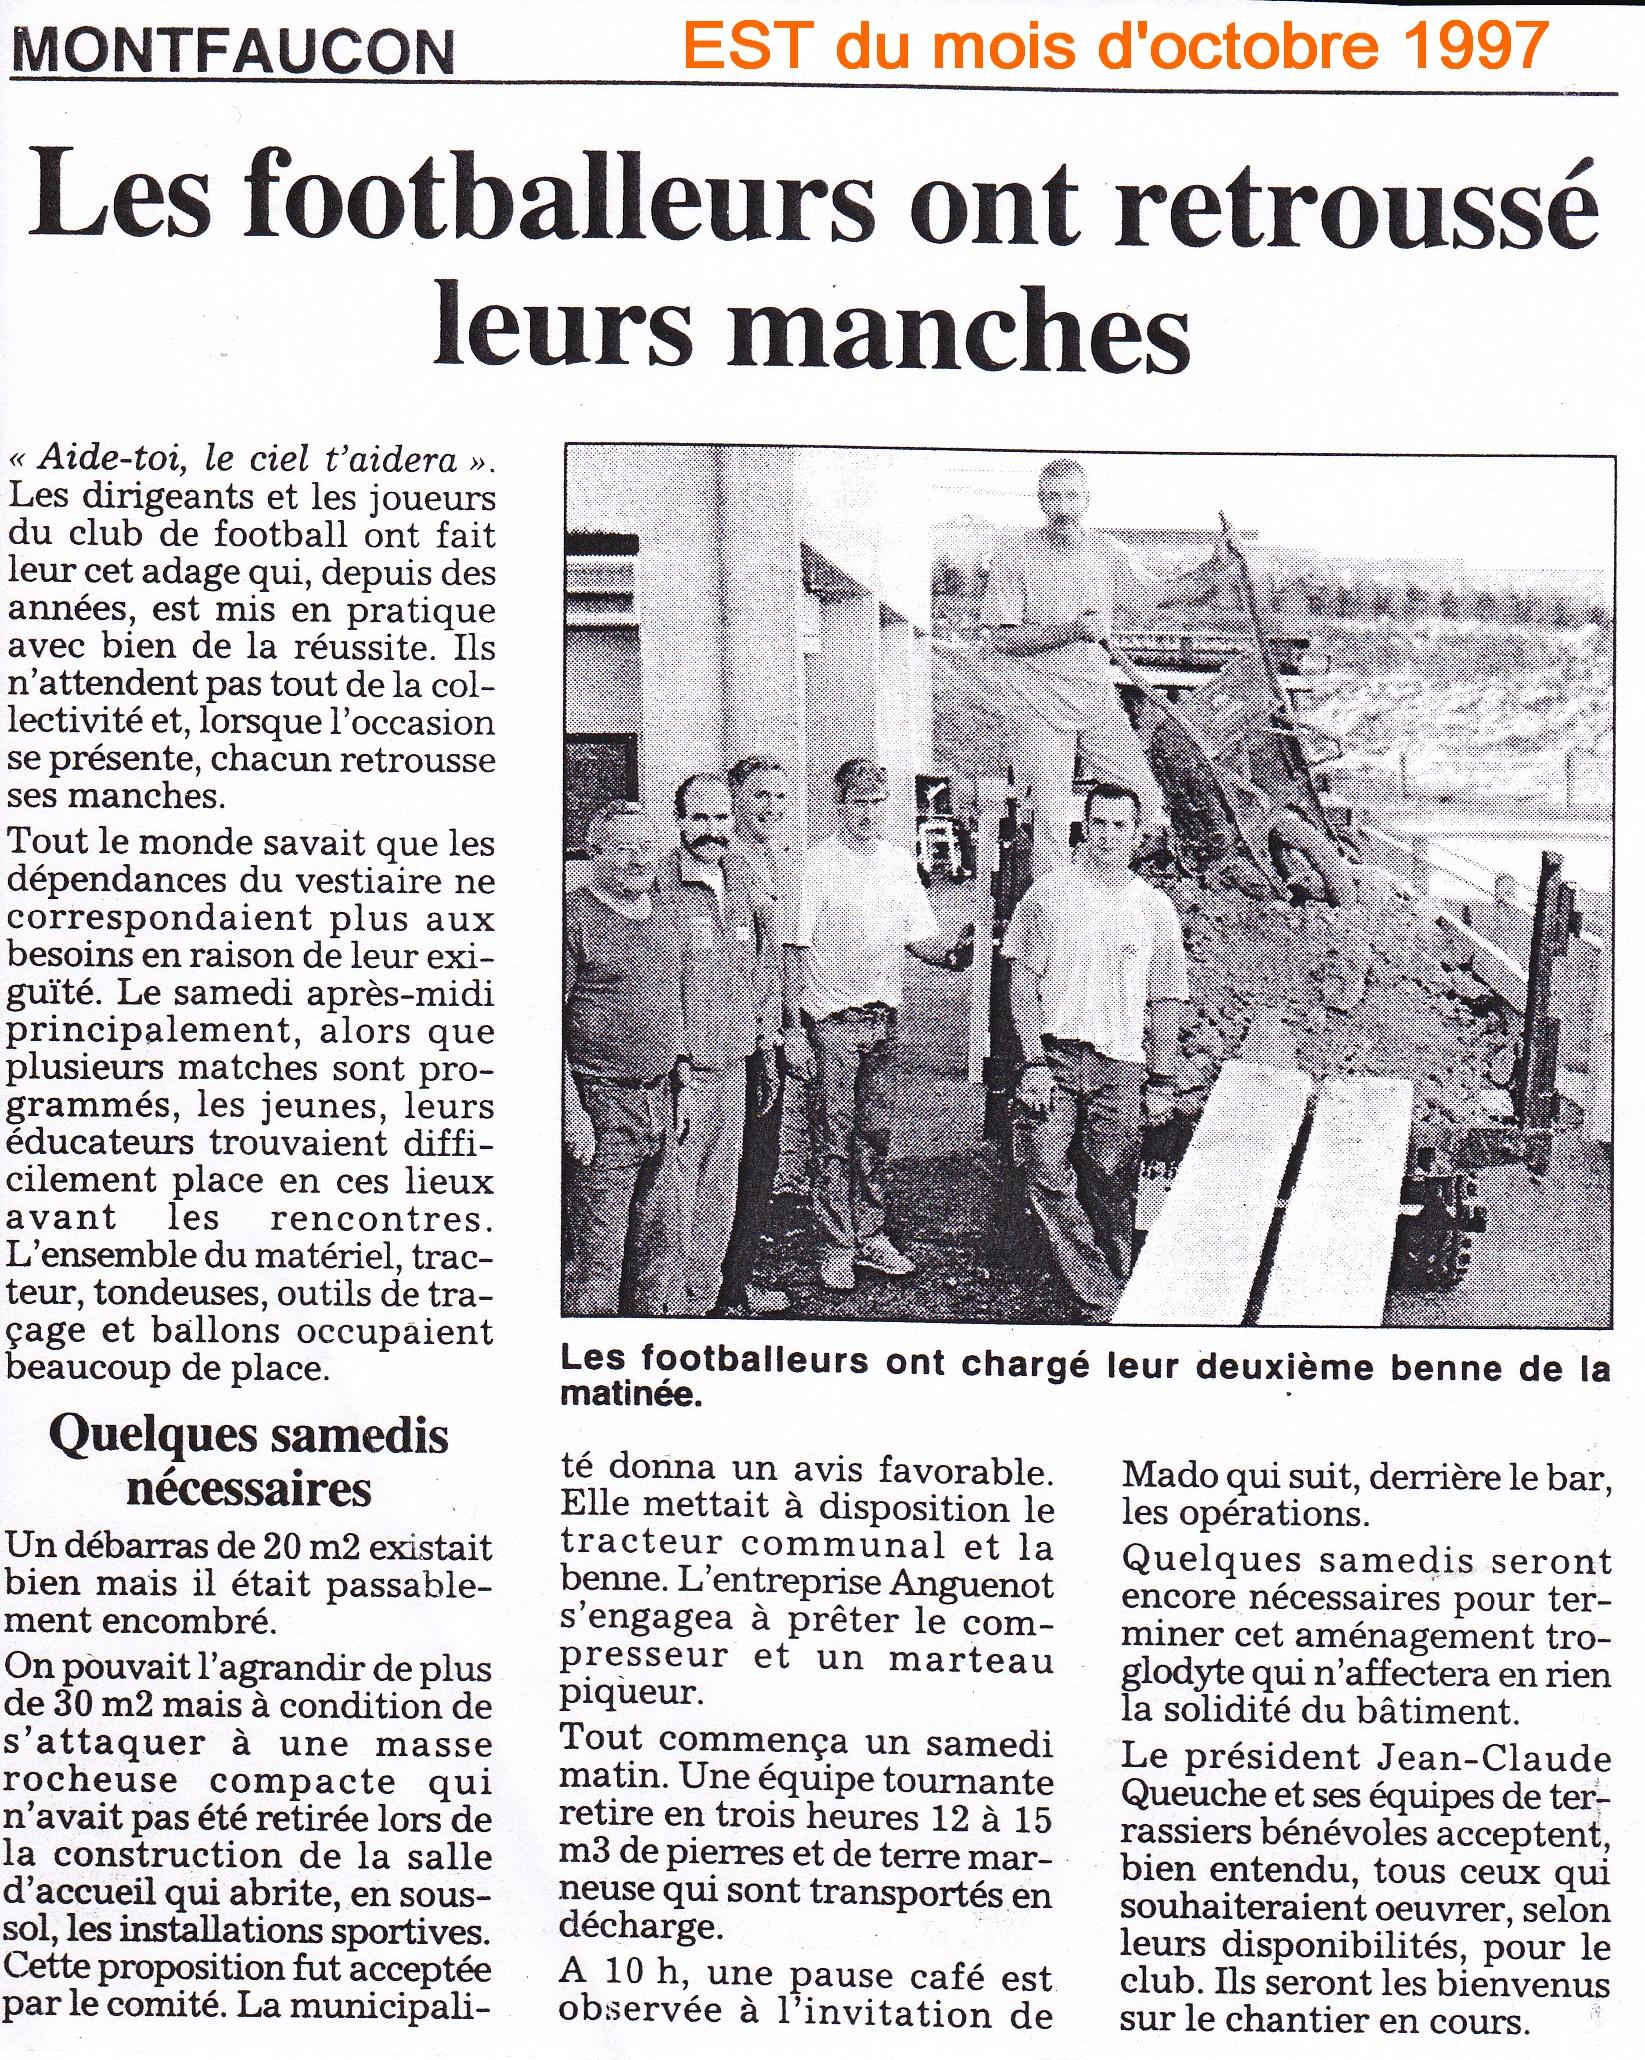 EST d'octobre 1997